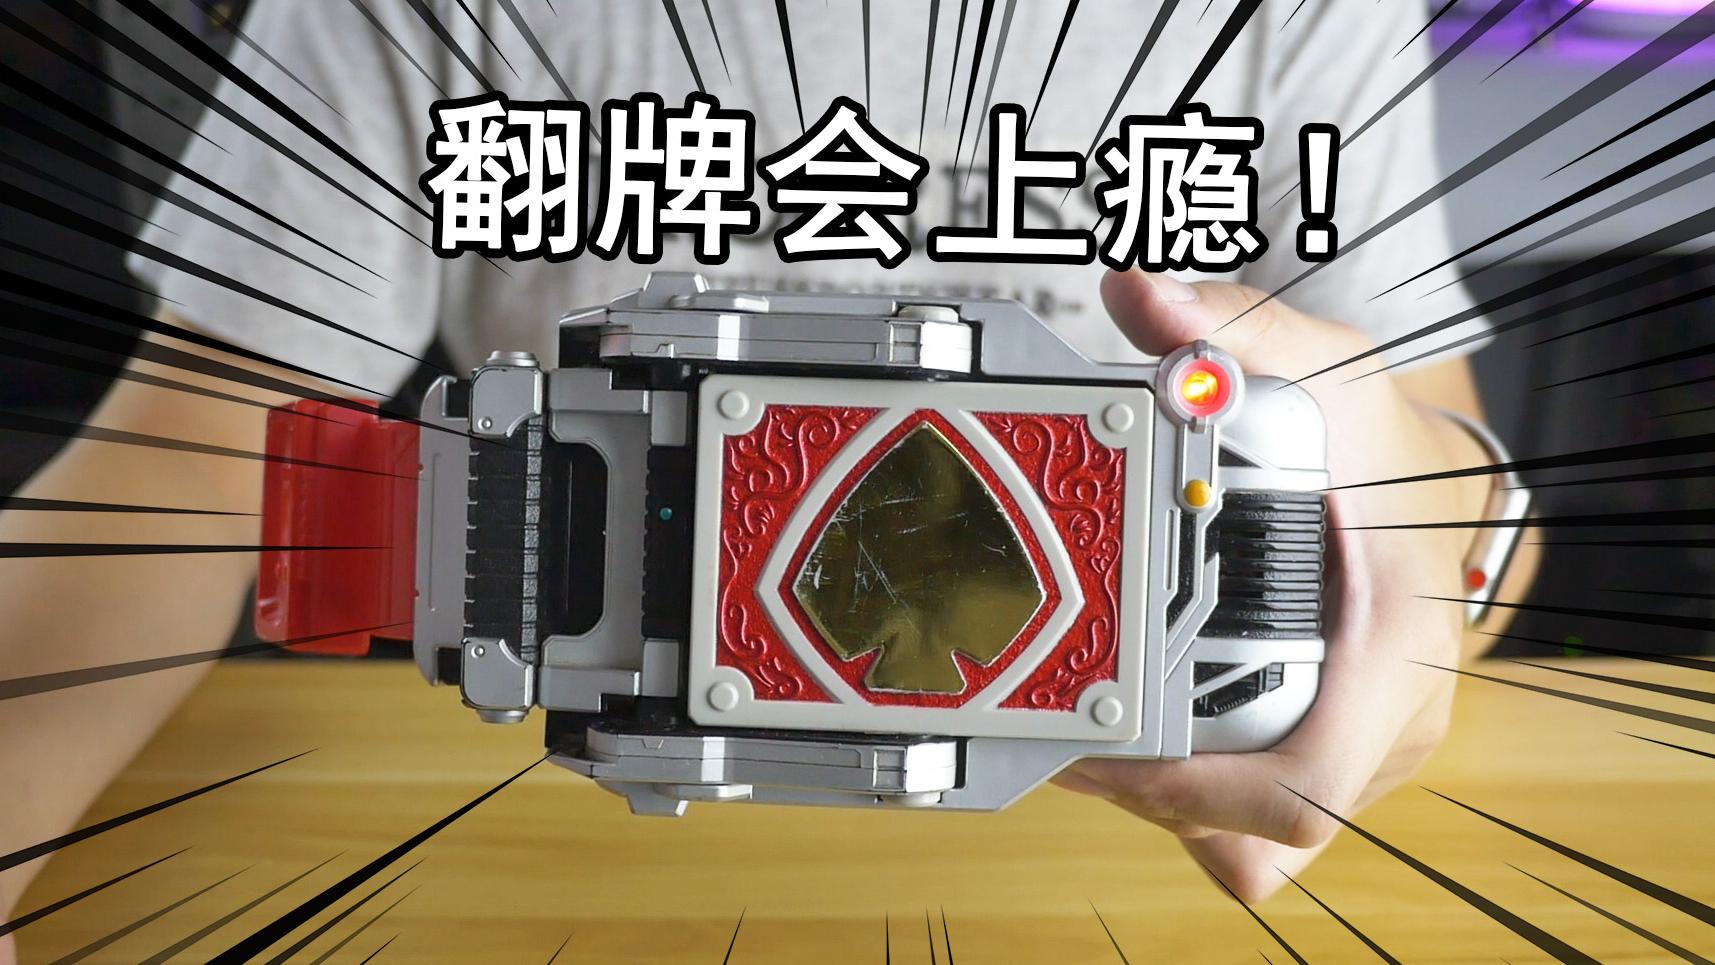 【零度模玩】上古老物!假面骑士剑 BLADE DX玩具测评!